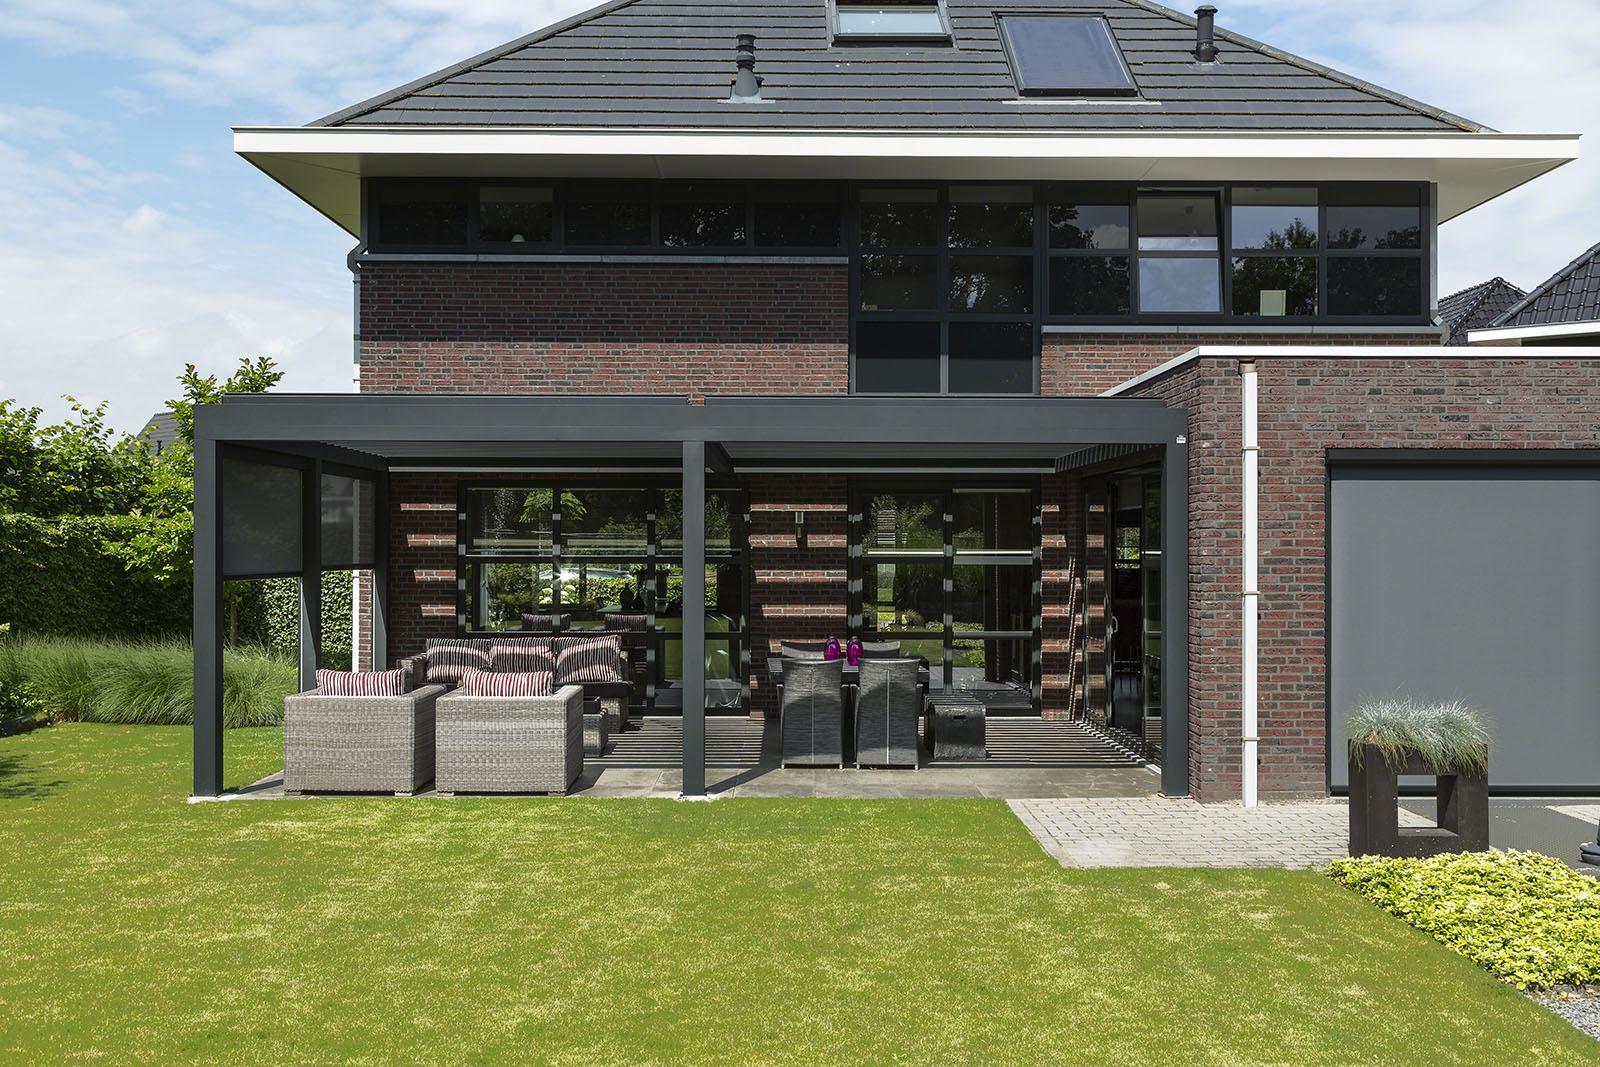 Tuintrends 2019: veranda of een terrasoverkapping. Verano lamellendak Levanto #veranda #terrasoverkapping #overkapping #tuin #tuintrends